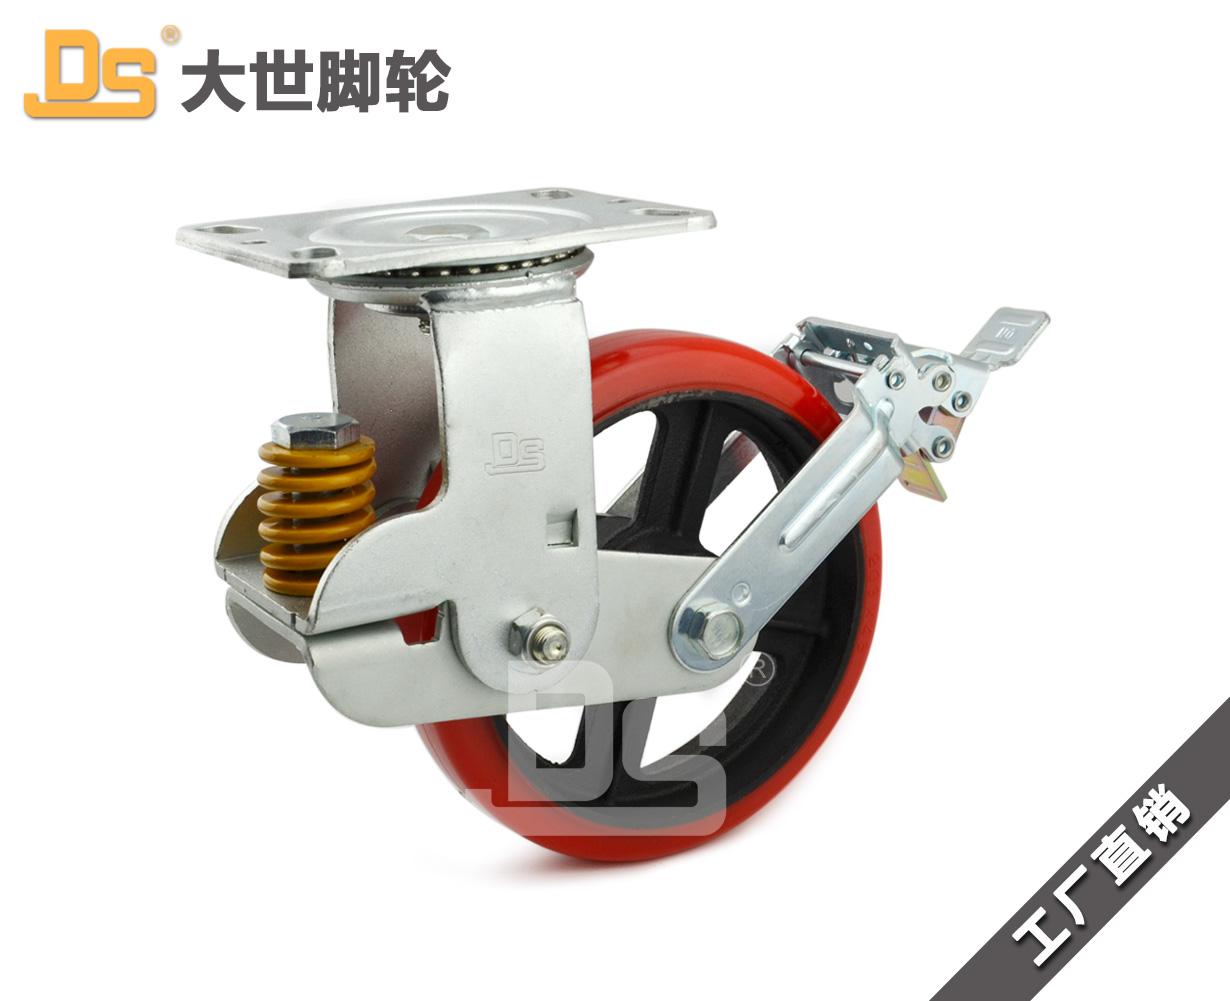 即墨减震脚轮品牌哪家好-大量供应高质量的减震脚轮